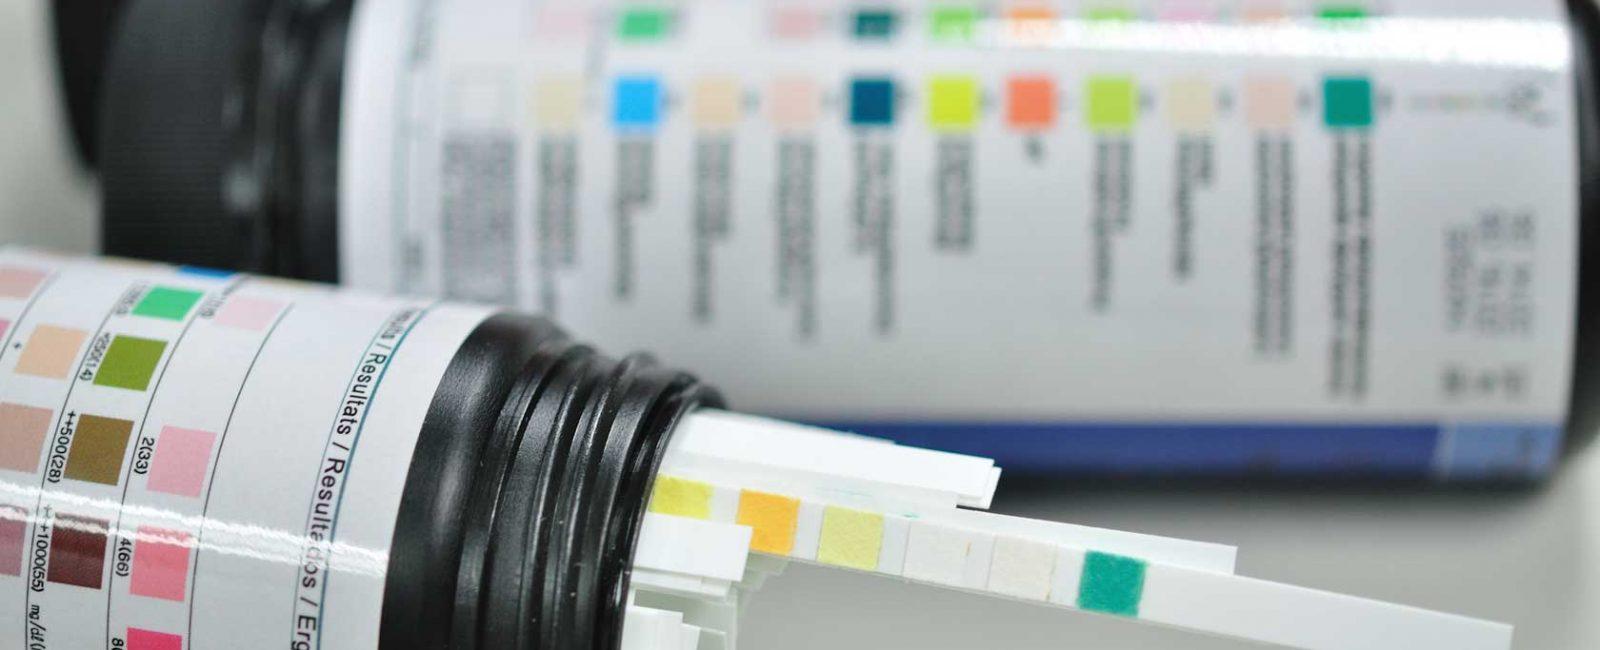 Drug Tests in a Modern Online